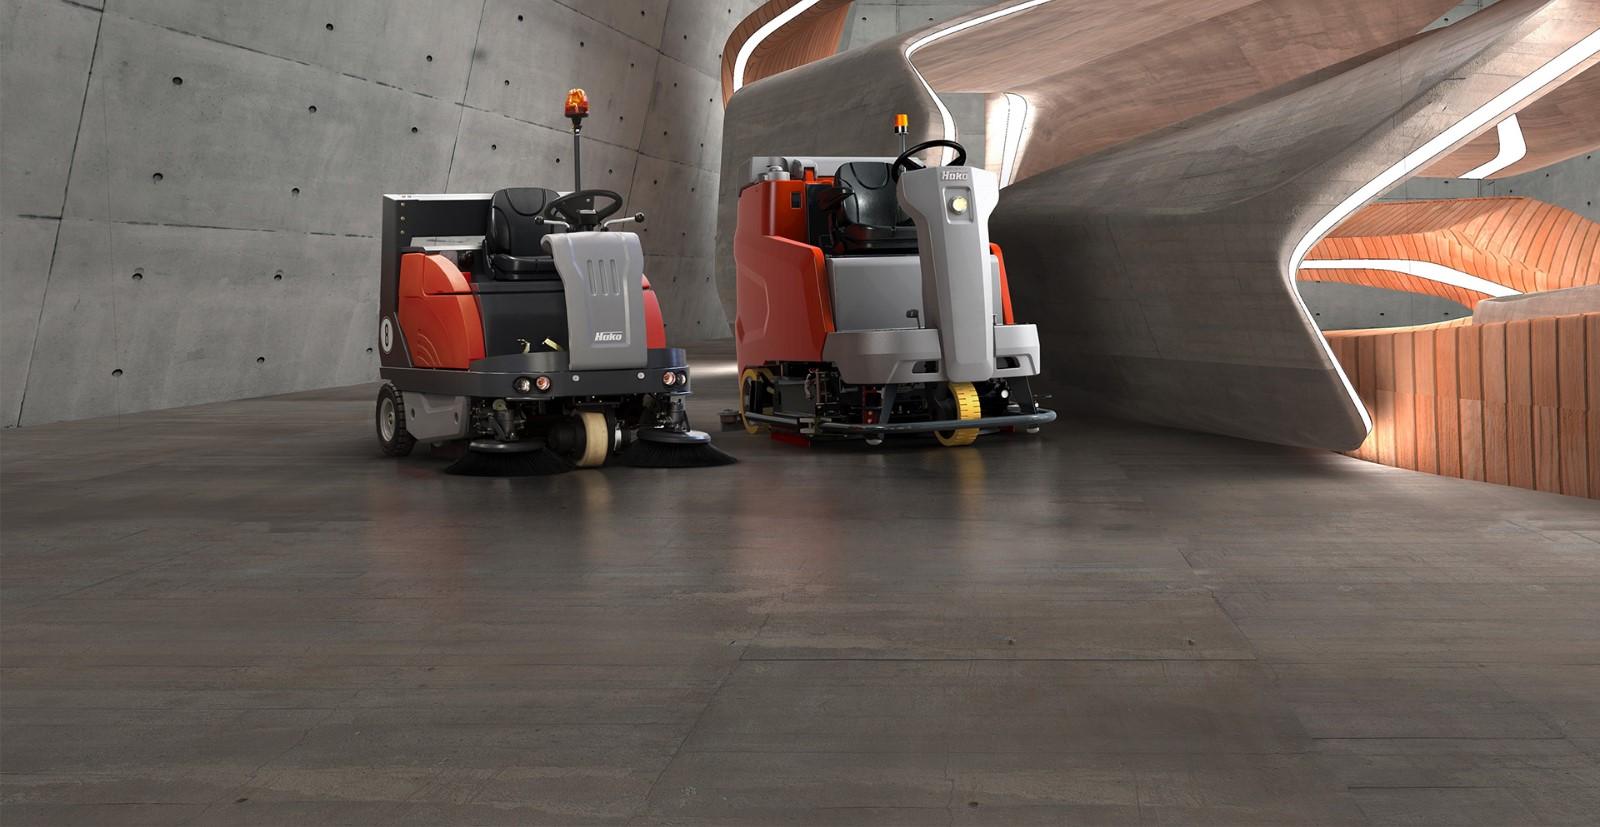 找全自动洗地机供应_平地机相关-苏州赛尔维斯机电设备有限公司